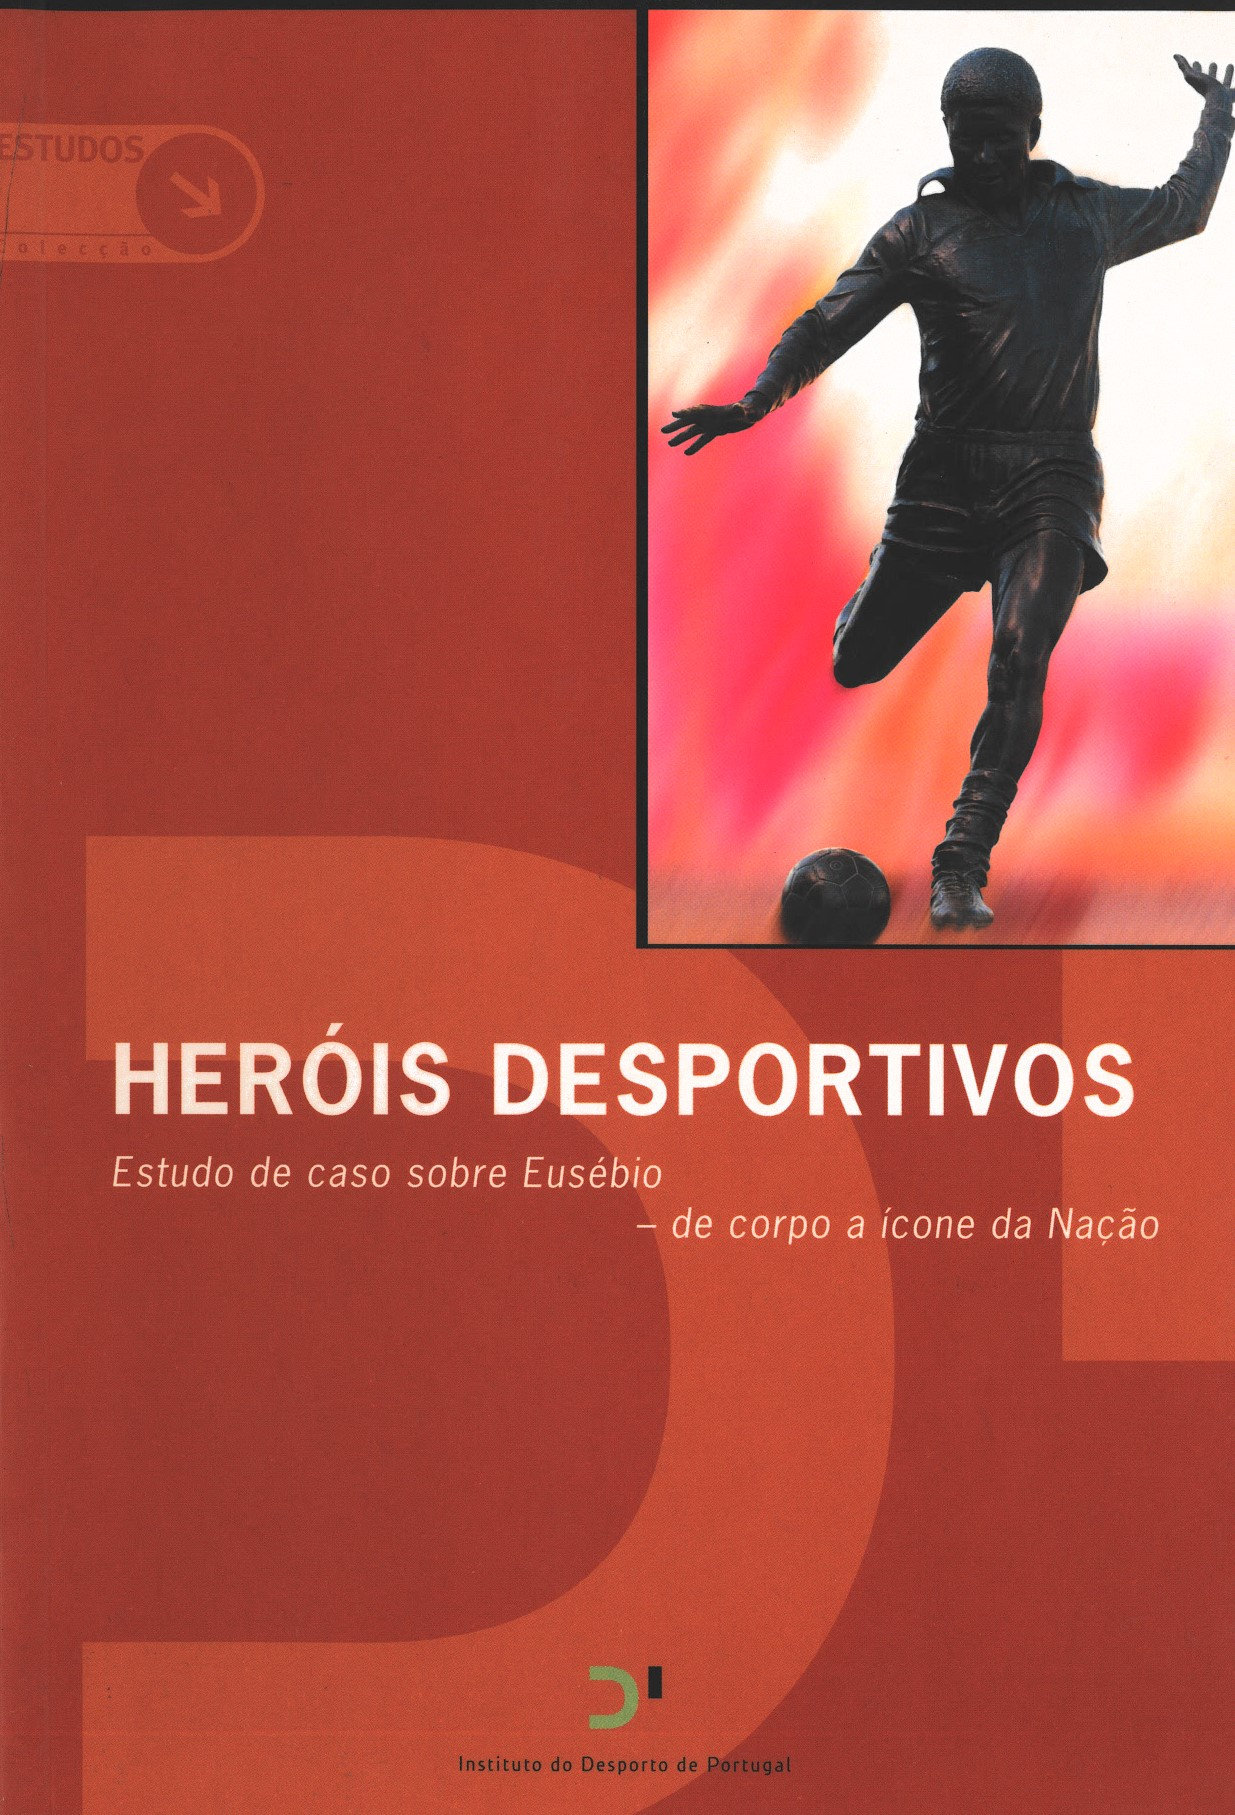 Heróis Desportivos de Corpo a Ícone da Nação - Estudo de Caso Sobre Eusébio